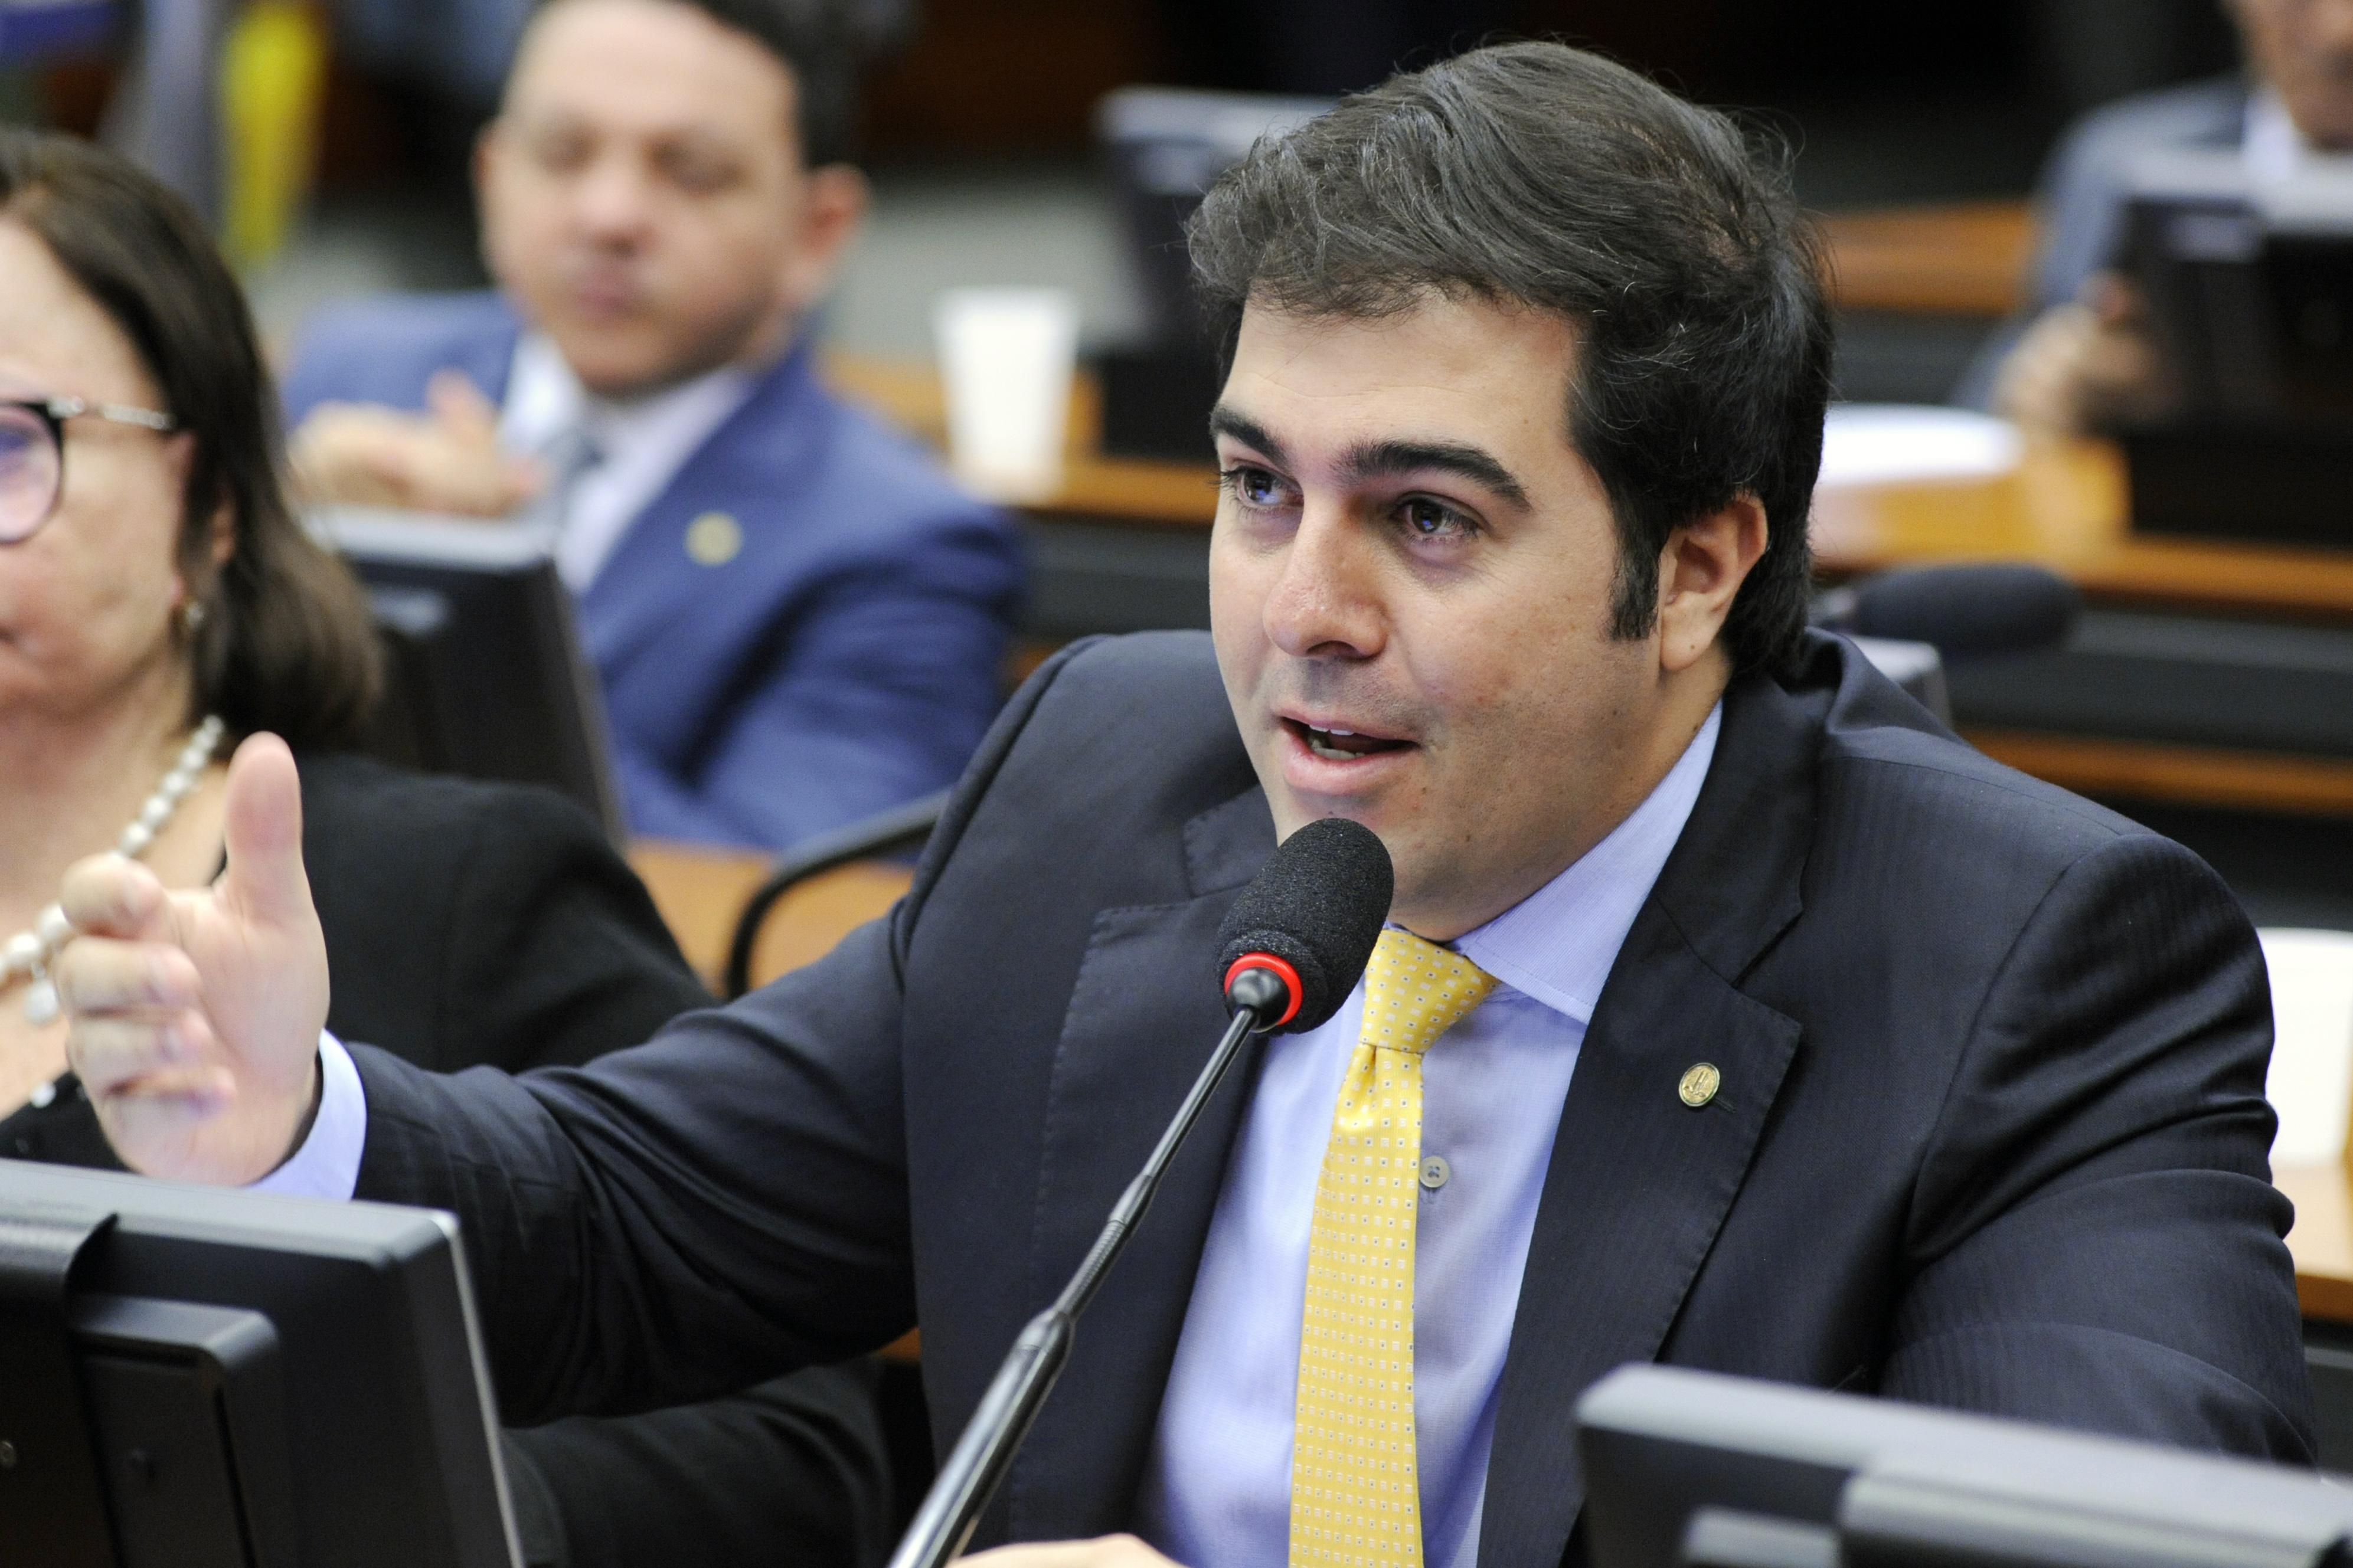 Reunião ordinária. Dep. Franco Cartafina (PP - MG)